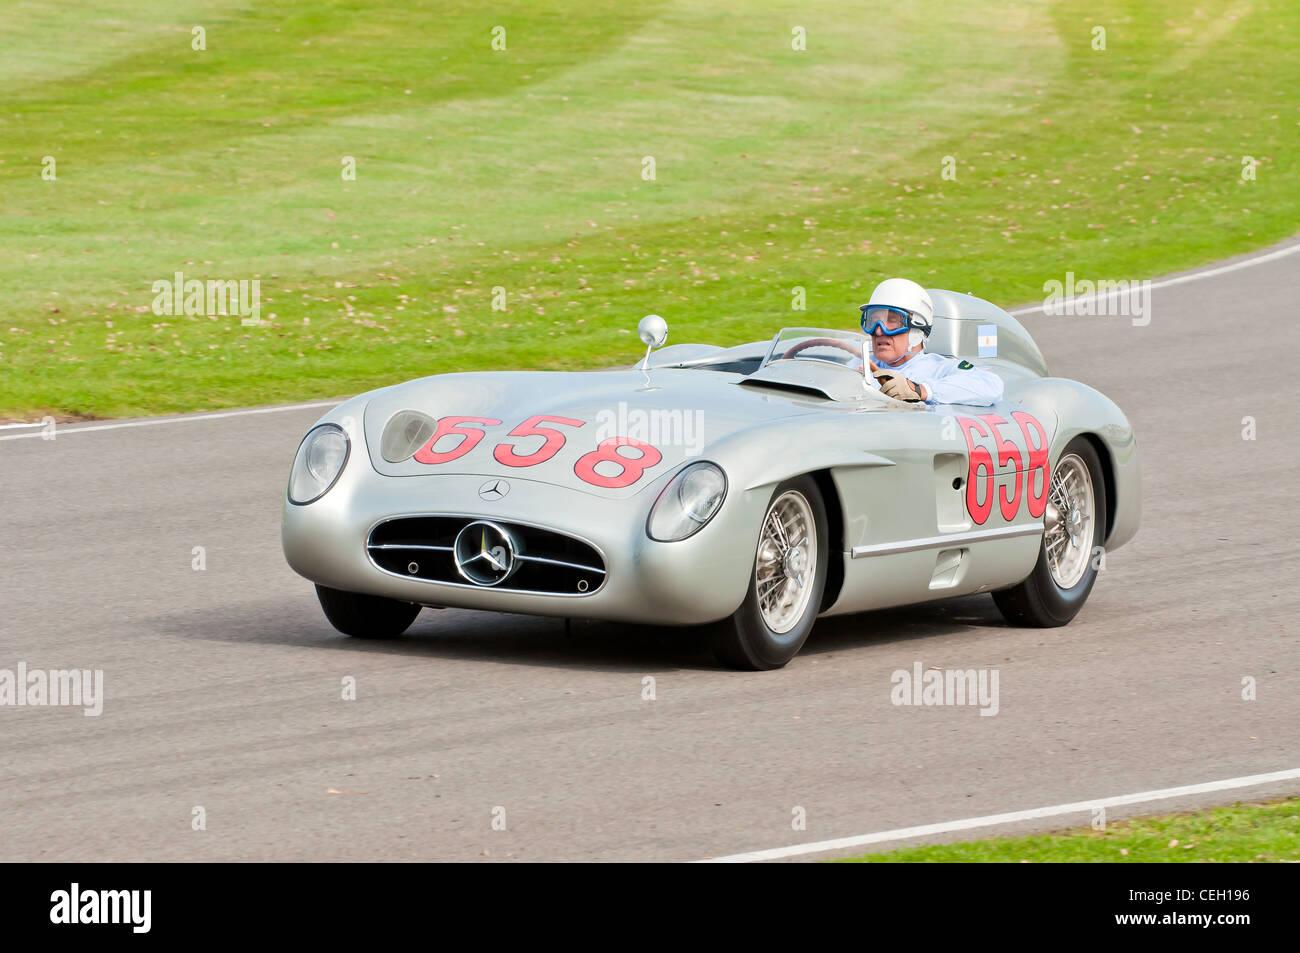 Sir Stirling Moss beim Goodwood Revival 2011 fahren eine Runde auf der Rennstrecke im Oldtimerbus Mercedes. Stockbild